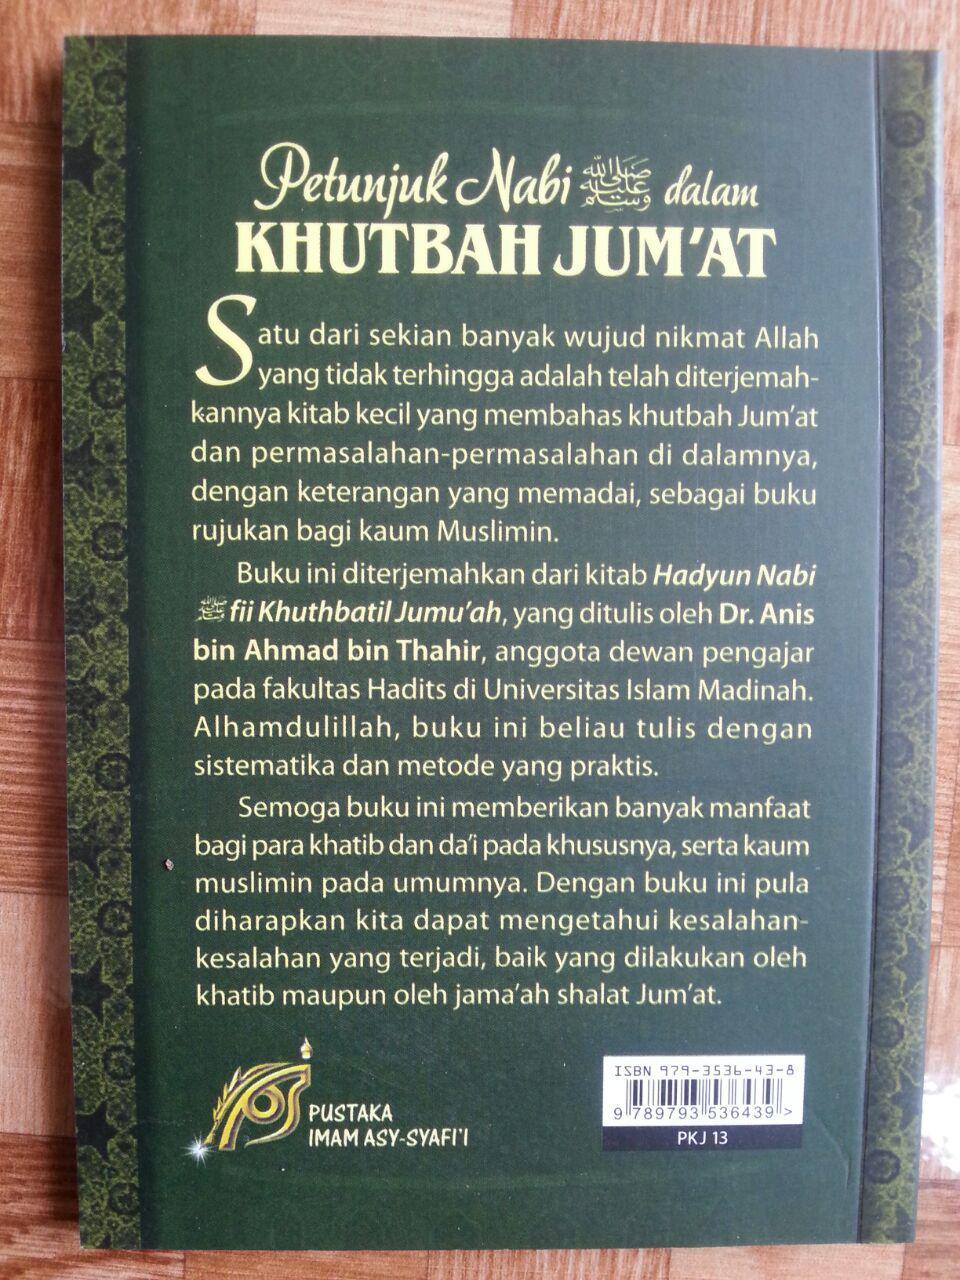 Buku Petunjuk Nabi Dalam Khutbah Jumat cover